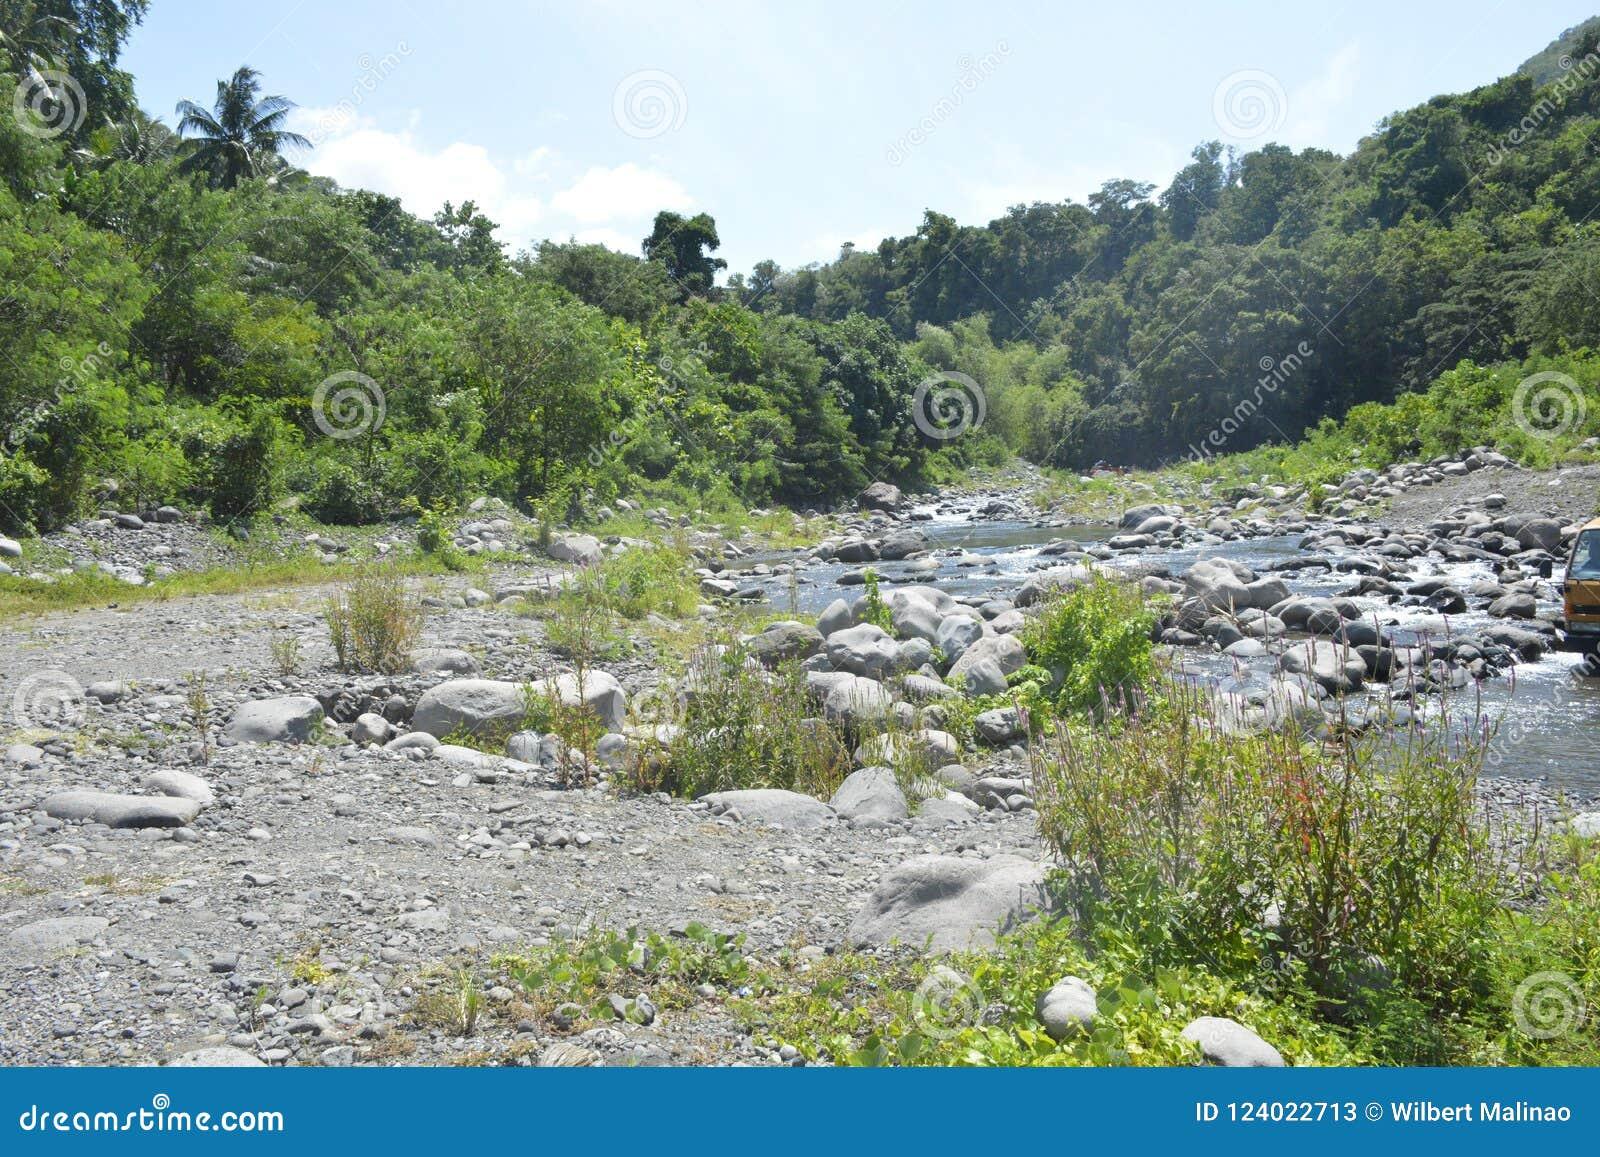 Речной берег расположенный на barangay Ruparan, город Ruparan Digos, Davao del Sur, Филиппины